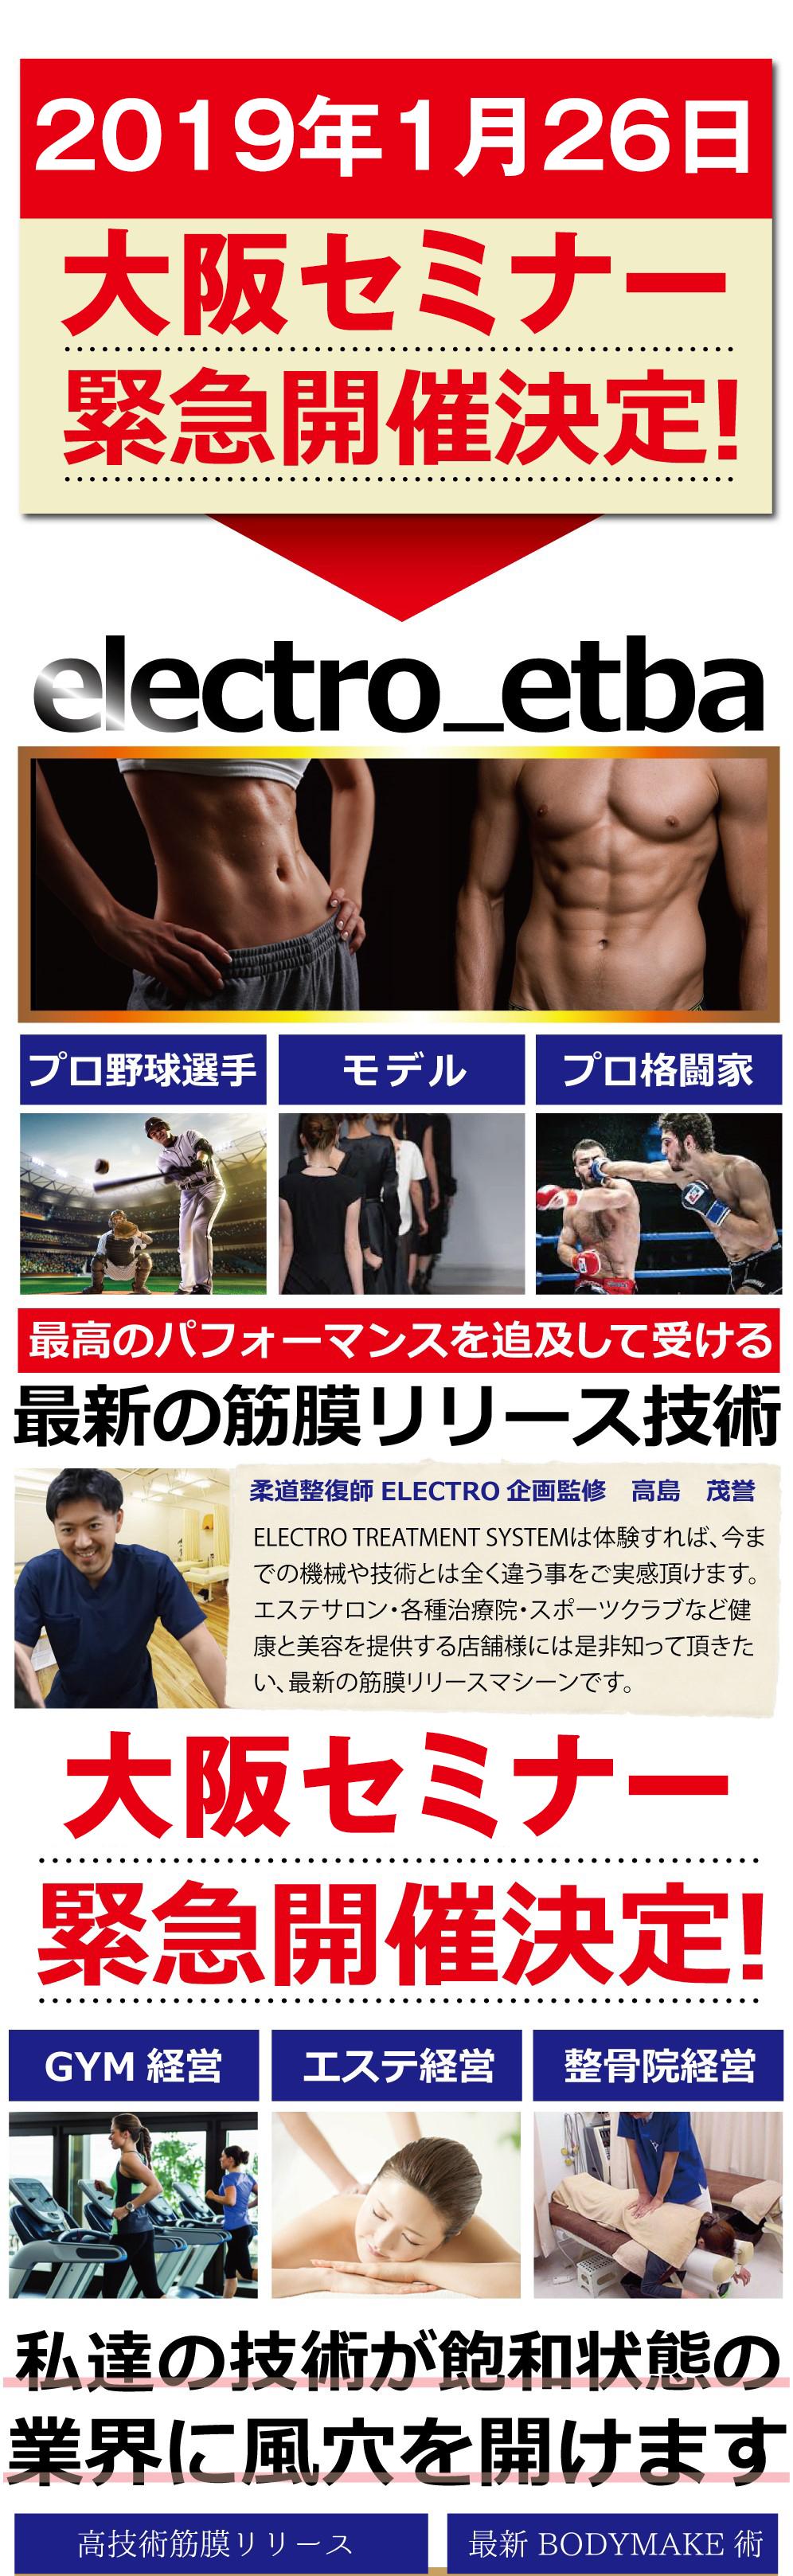 エレクトロトリートメント肩甲骨剥がしセミナー20181204大阪